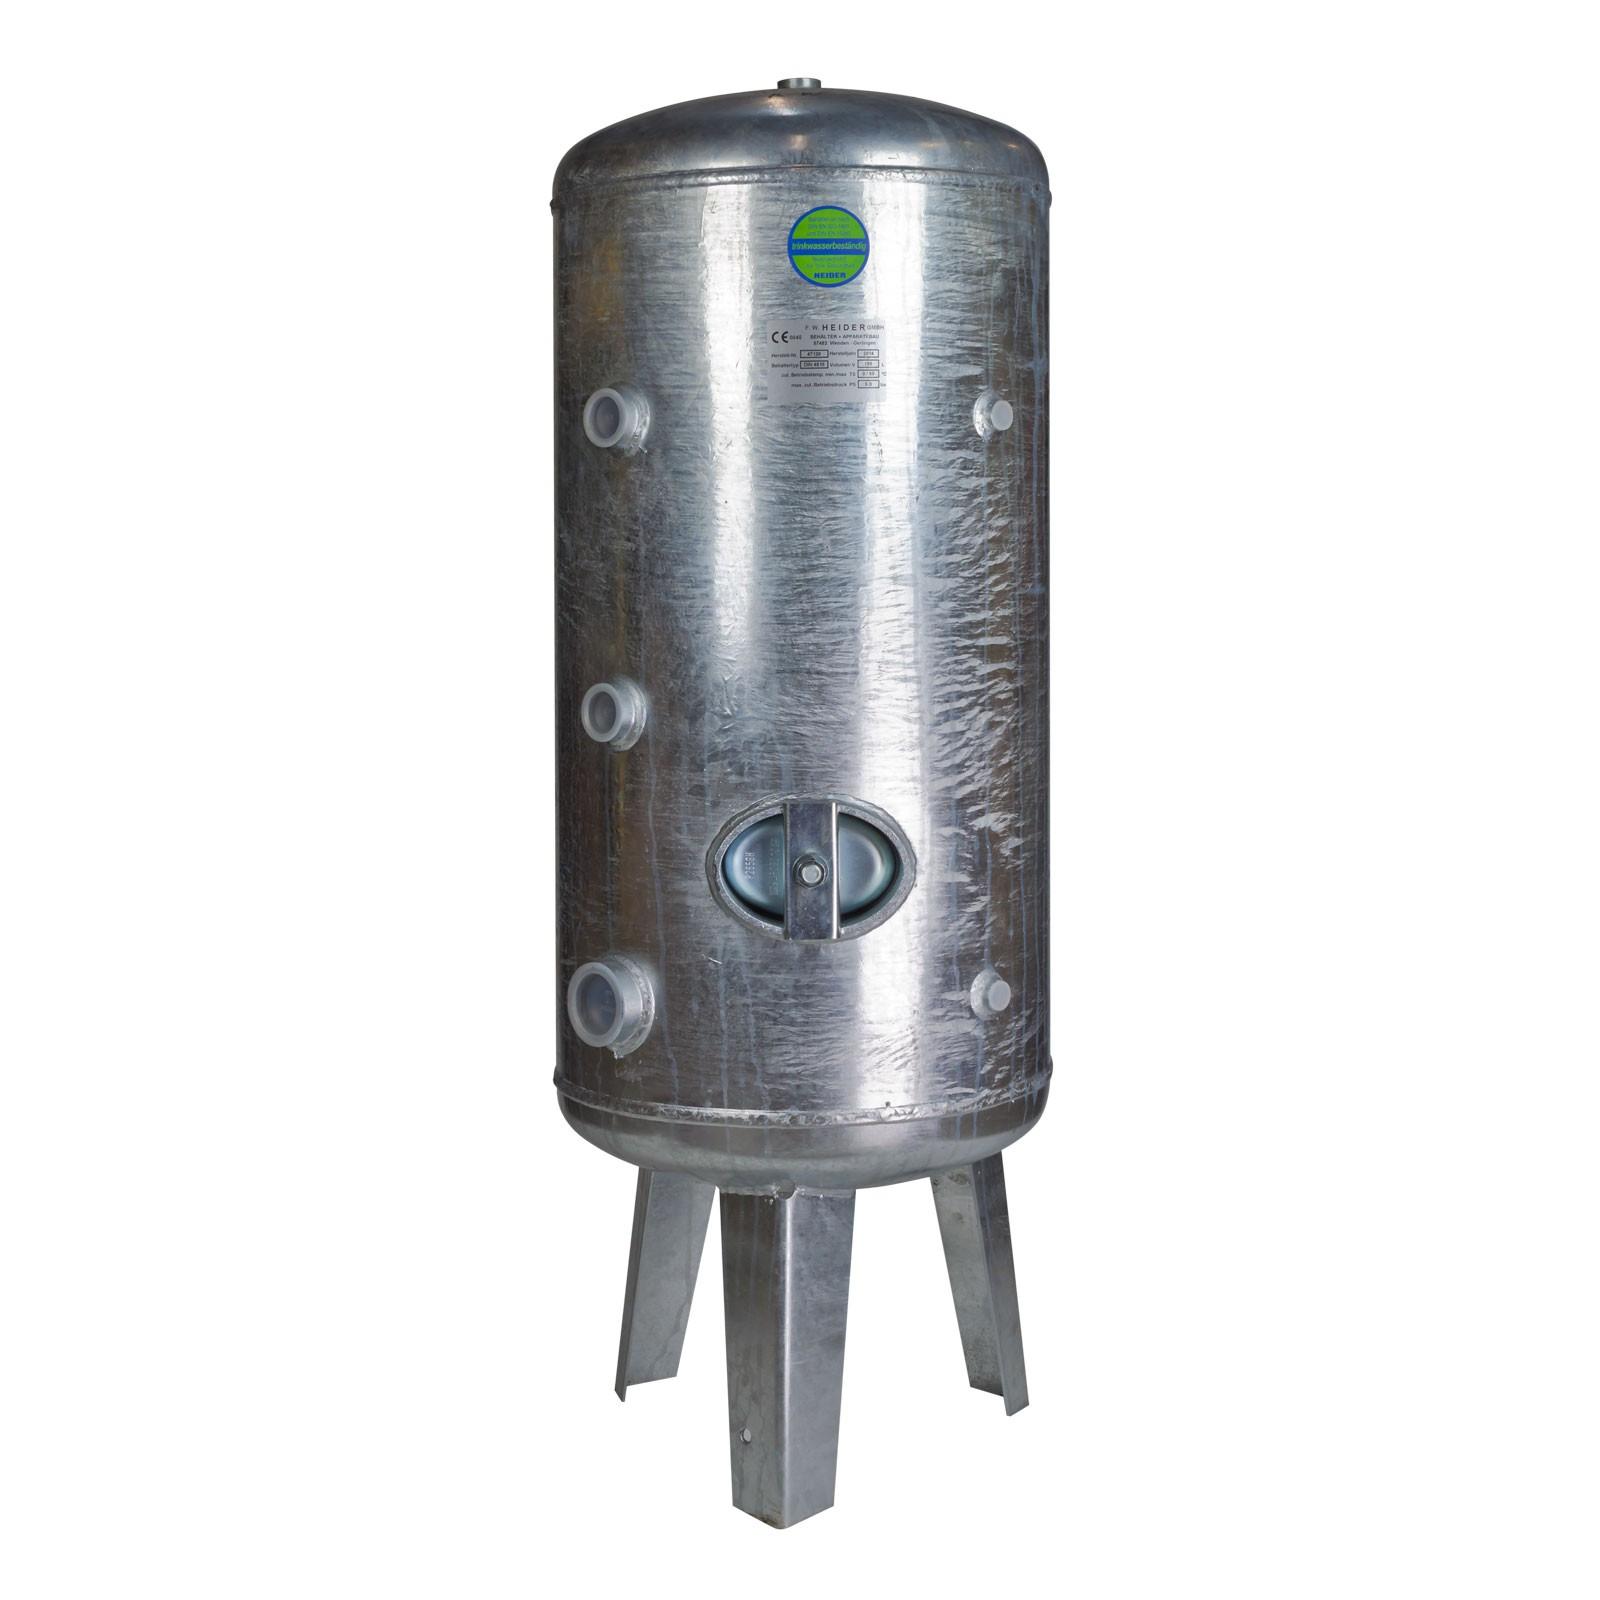 Heider Wasserdruckkessel 750L Liter Druckbehälter 6 bar ...